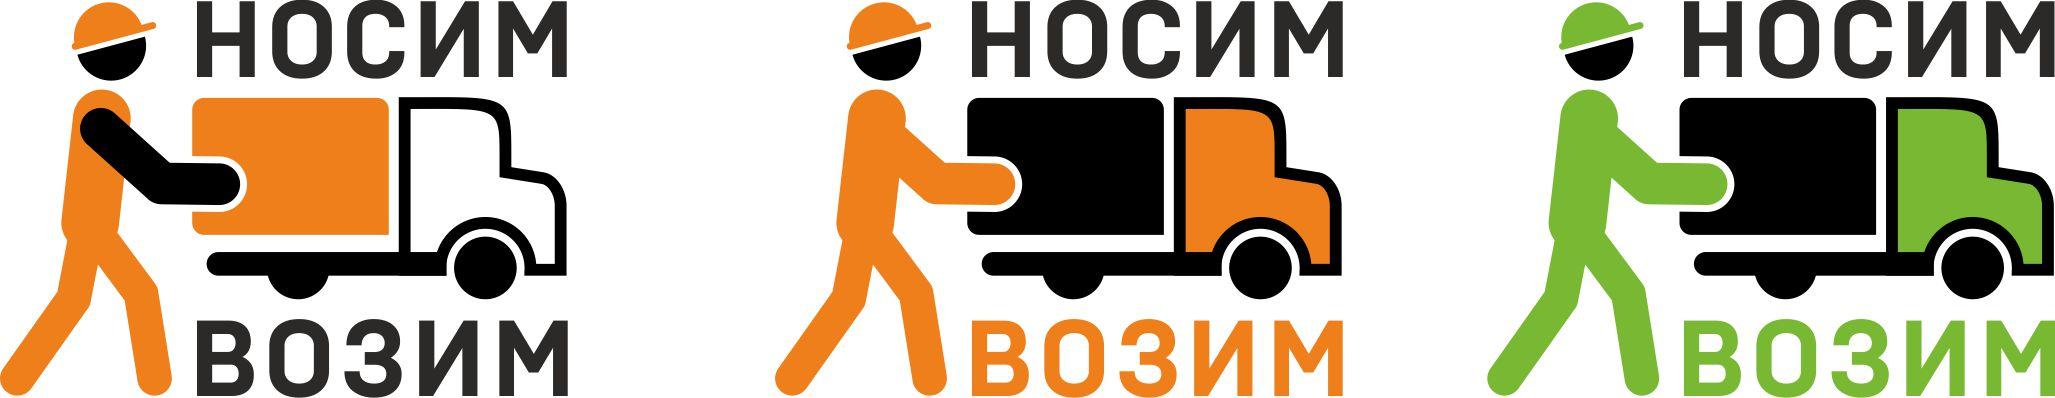 Логотип компании по перевозкам НосимВозим фото f_8785cf7f75a616a9.jpg